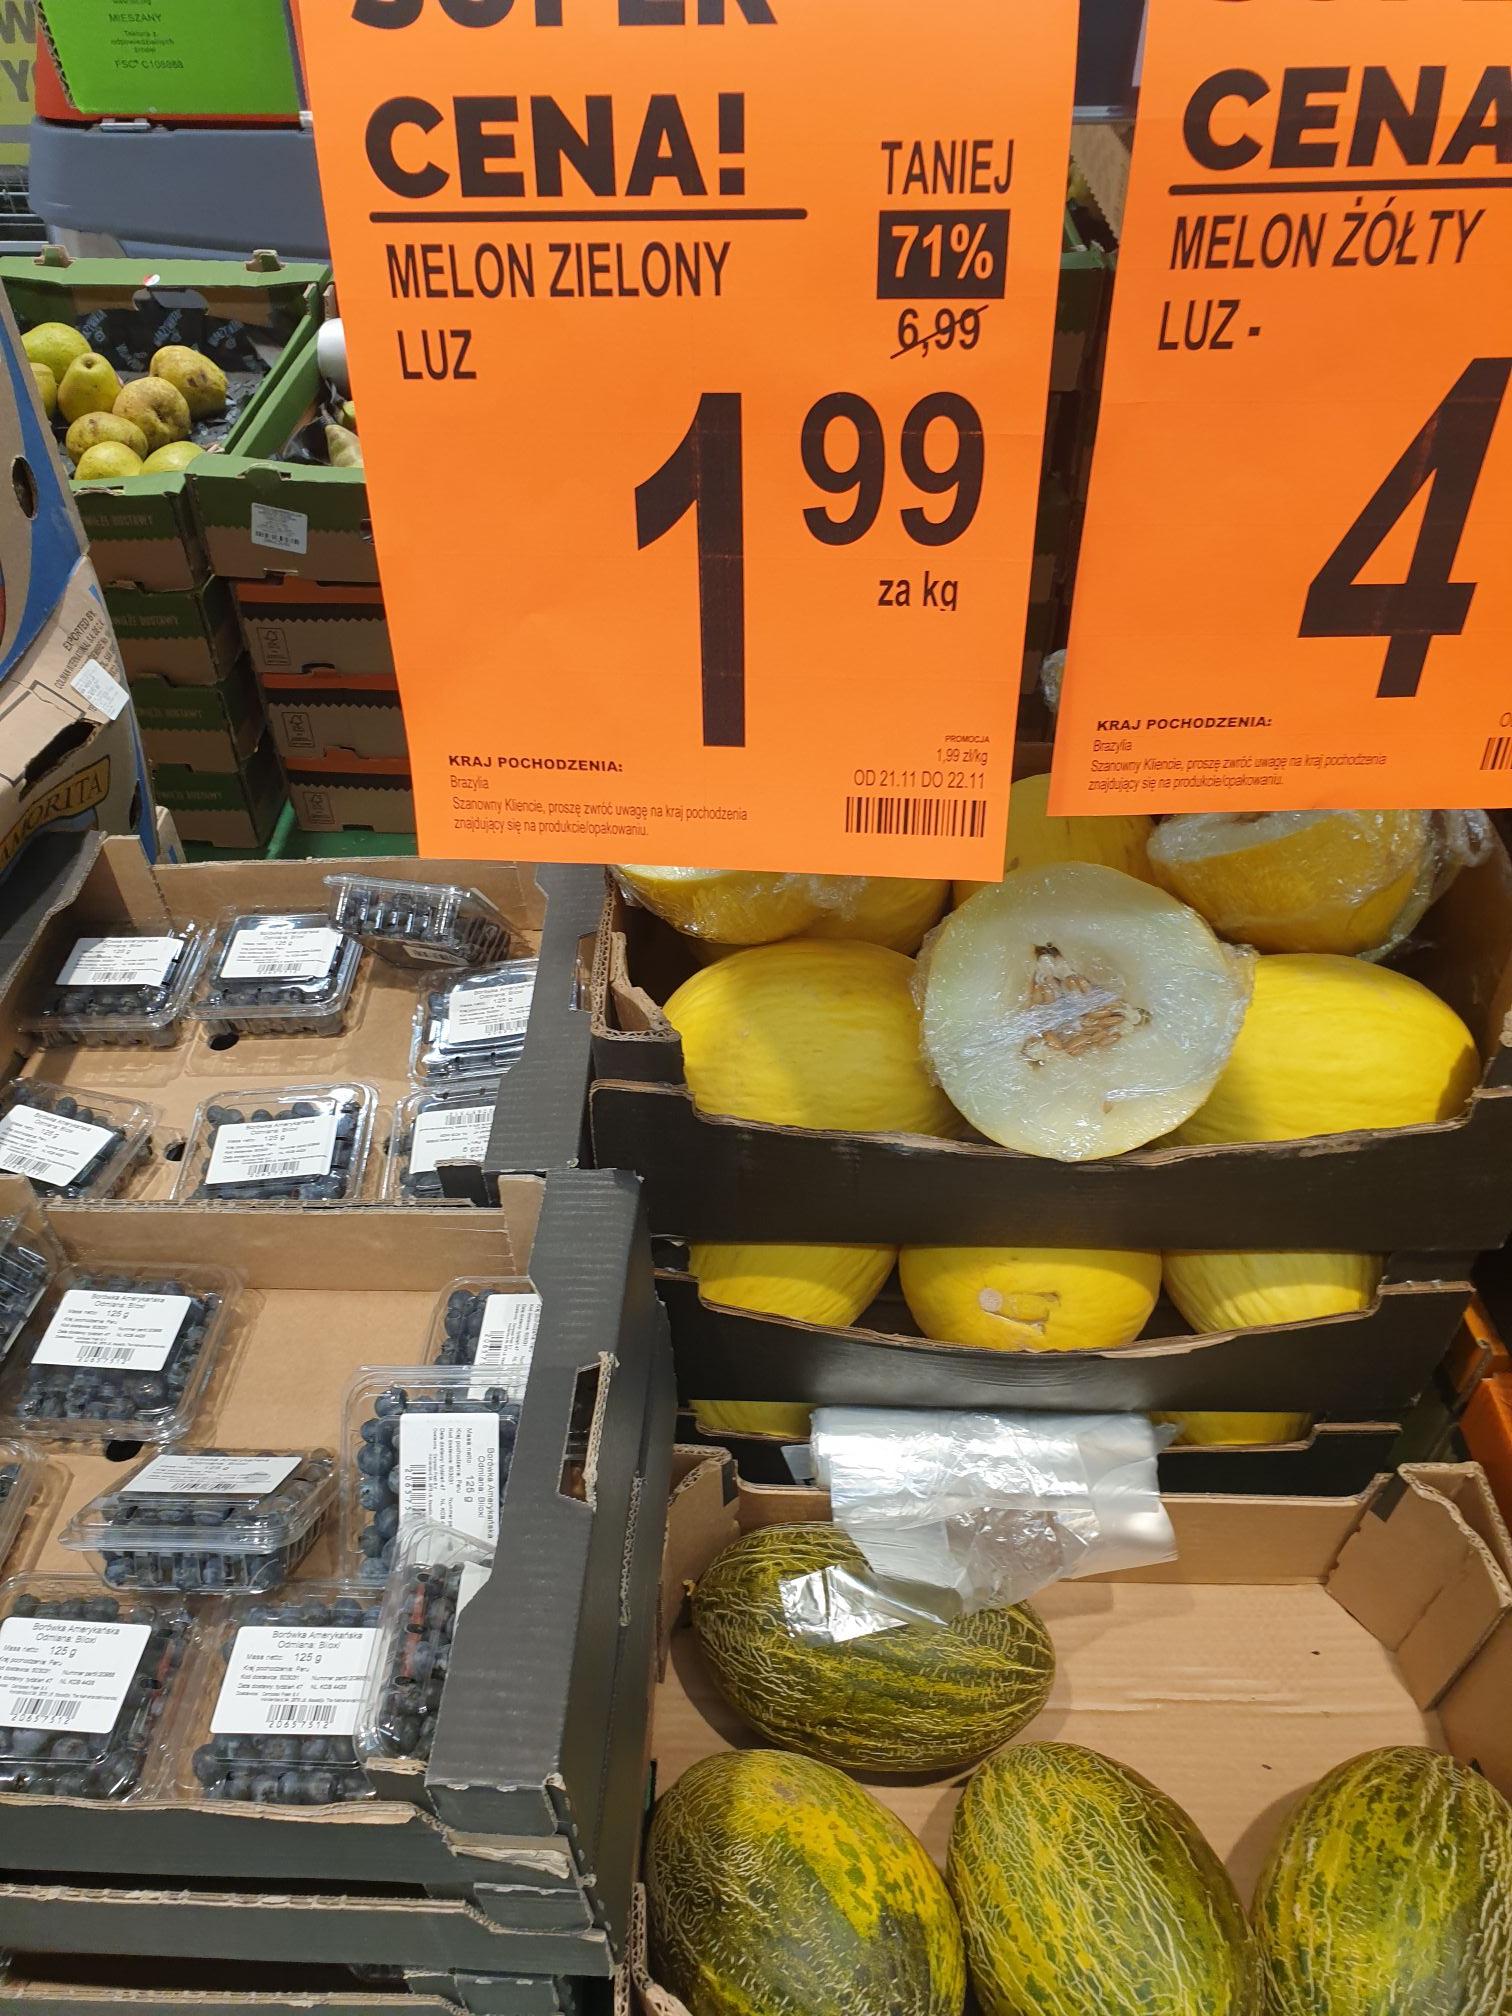 Melon zielony po 1.99zł za kg Biedronka Bytom